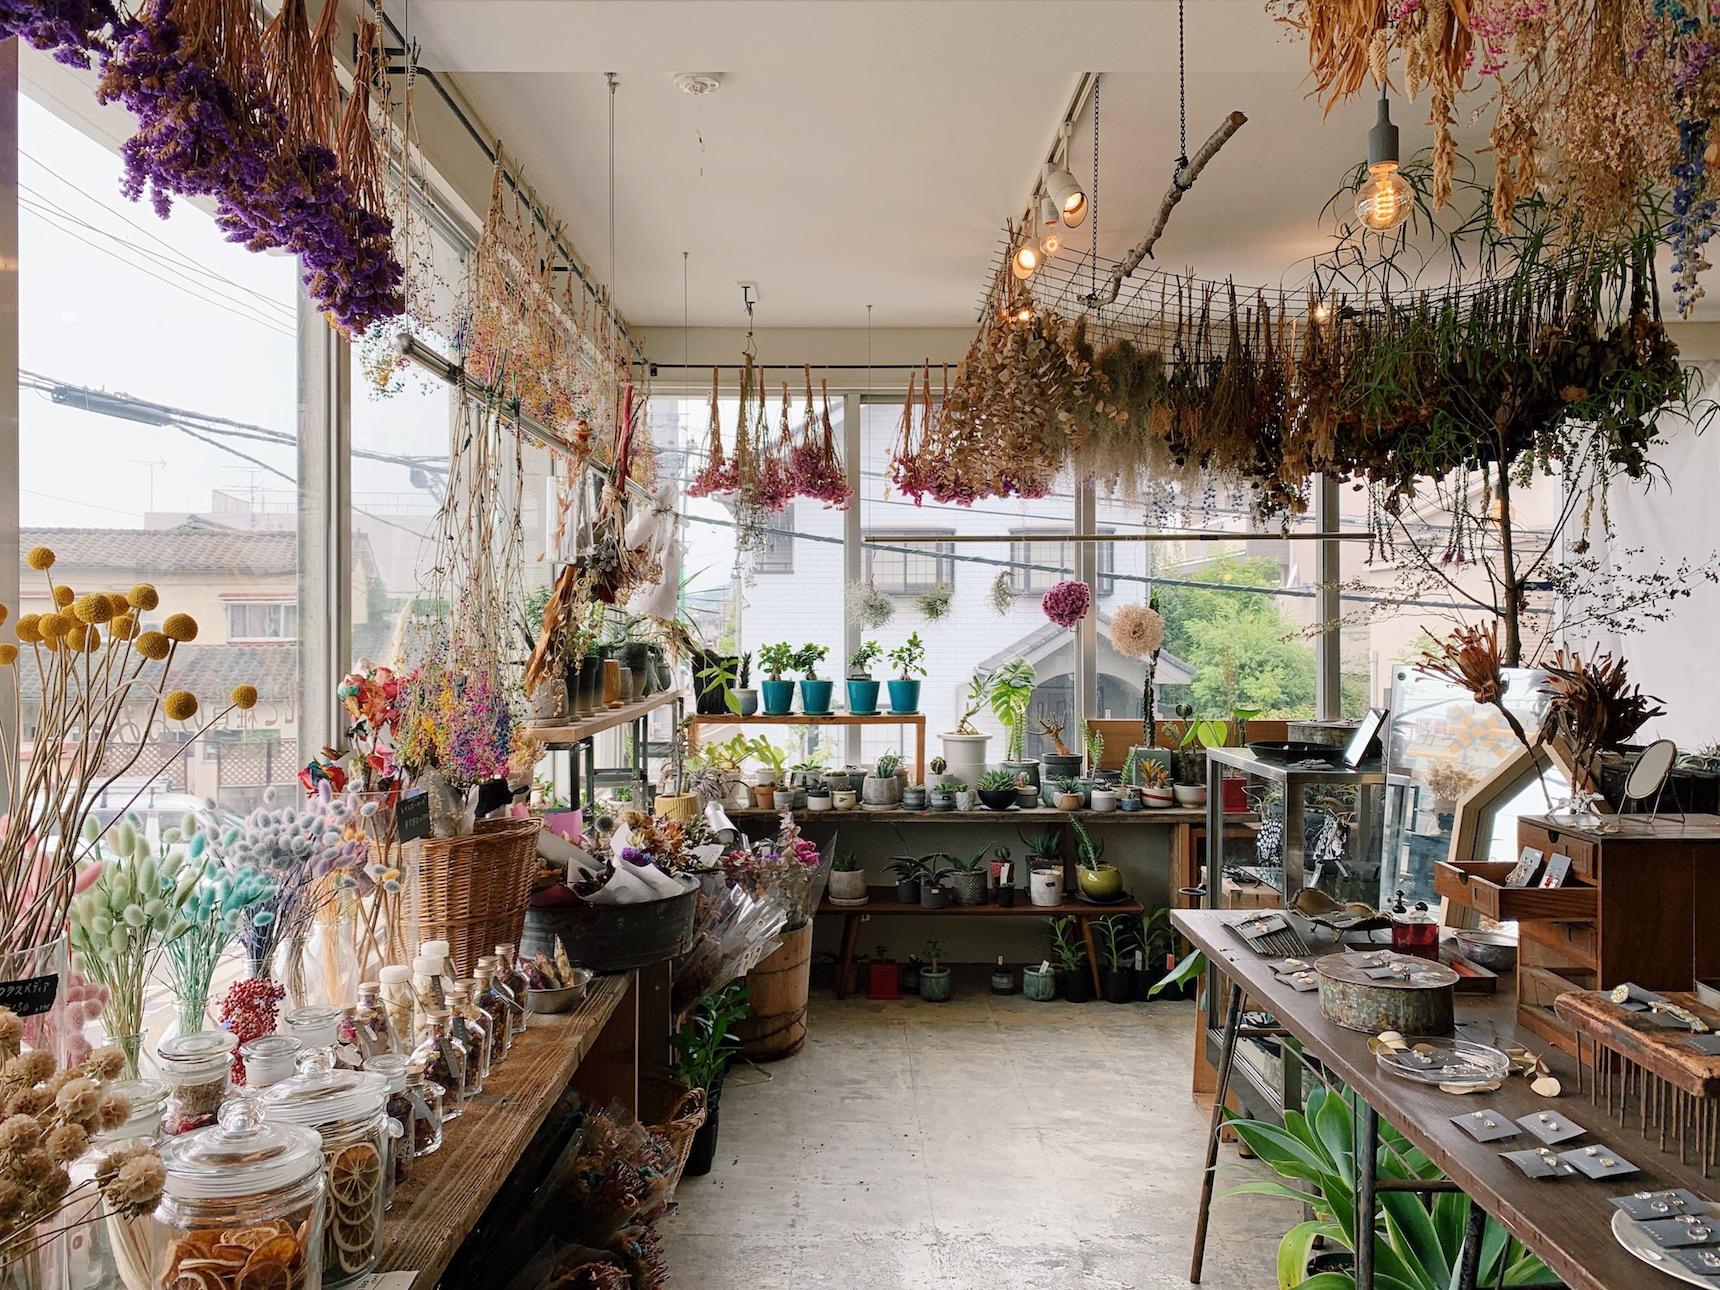 「ニカイノハナヤ」は、とってもおしゃれな雰囲気の花屋さん。